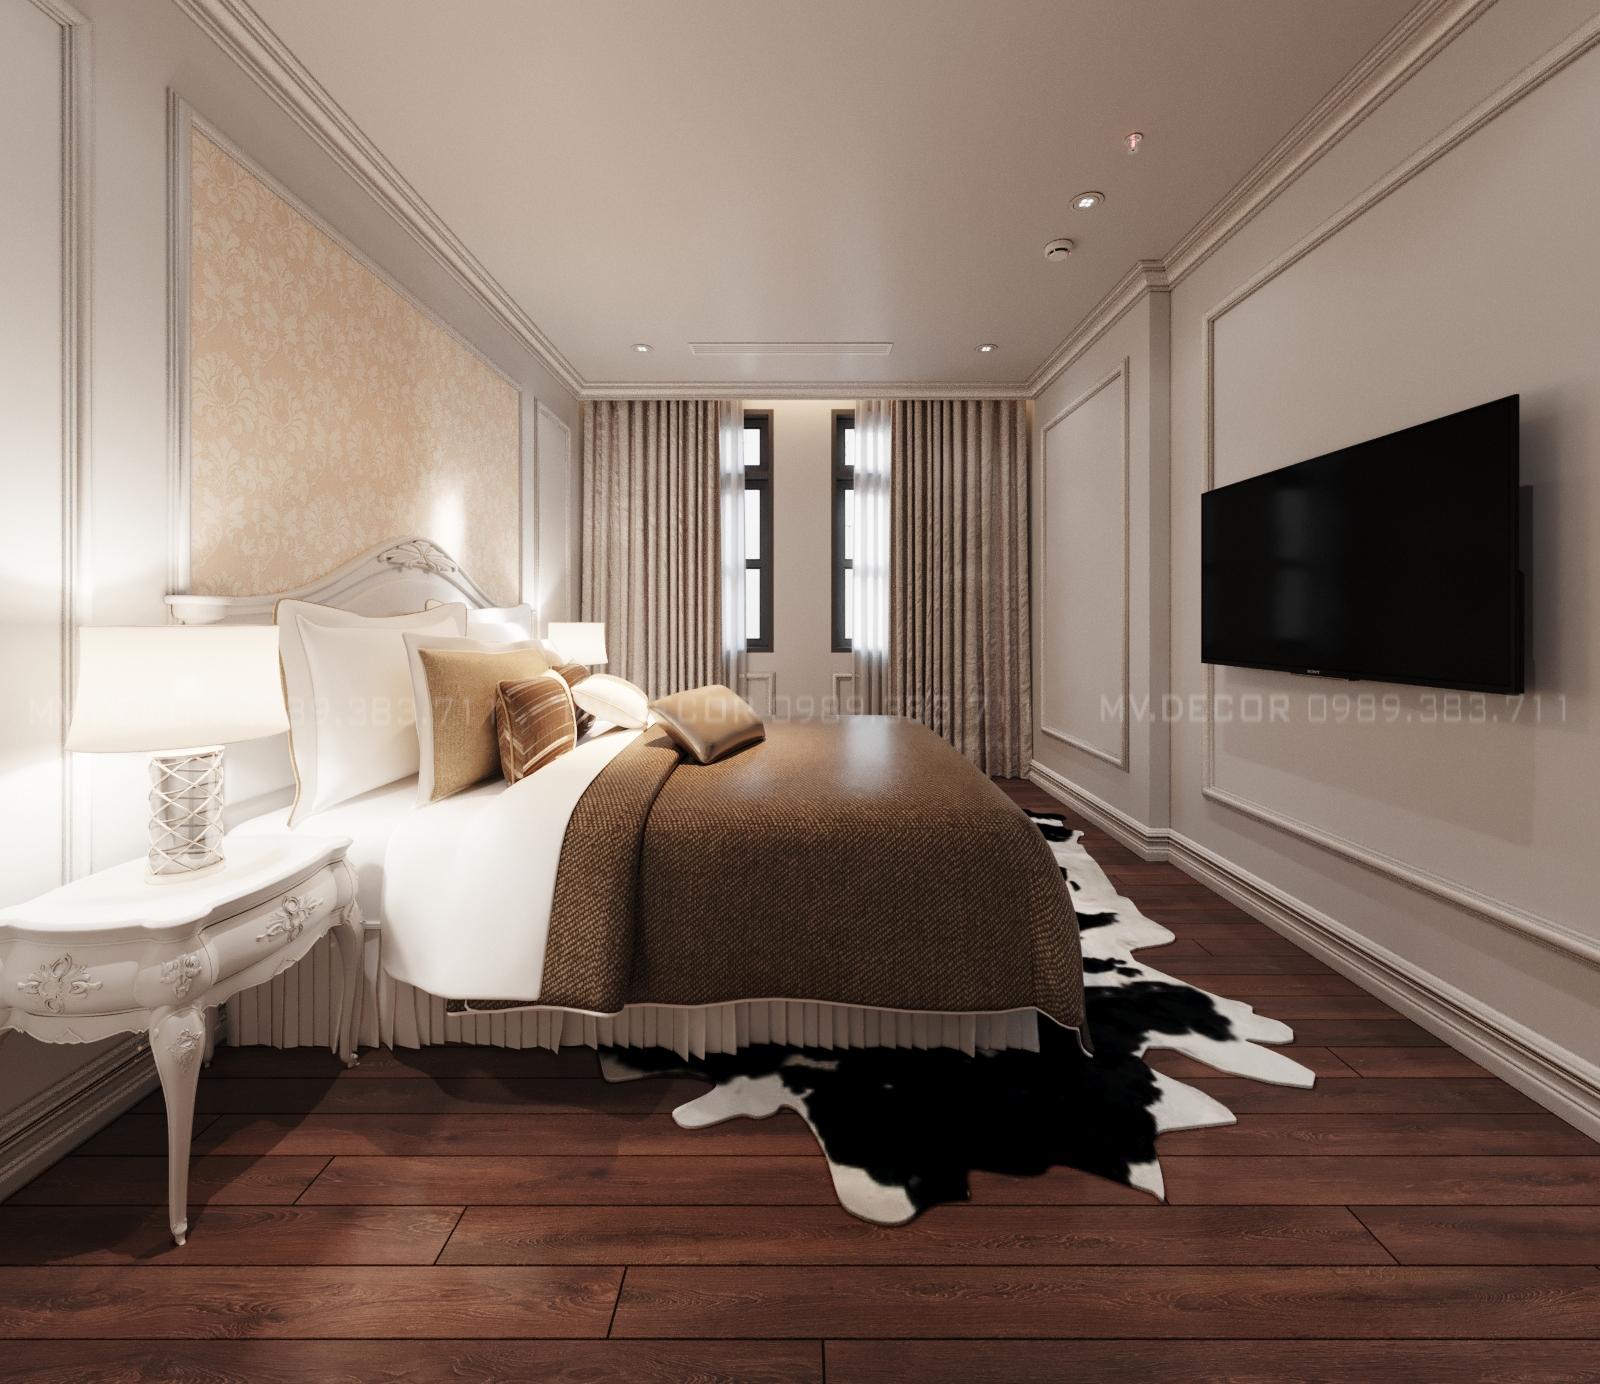 thiết kế nội thất Biệt Thự tại Hải Phòng BT VENICE 6-26 14 1564932016